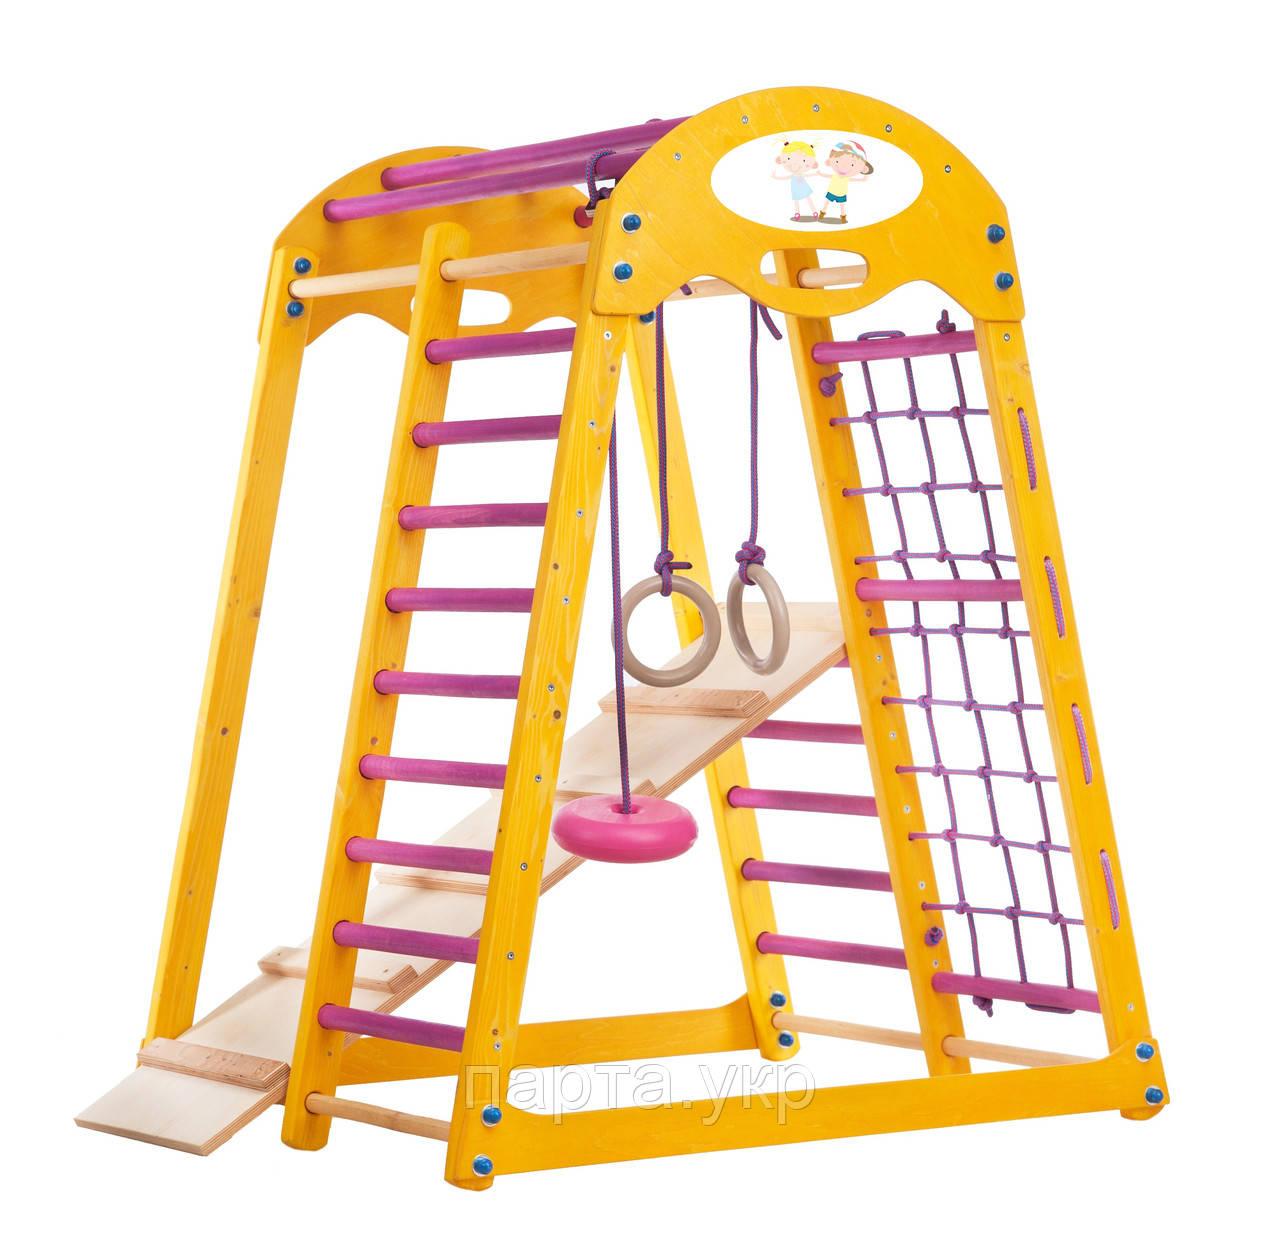 Детский игровой уголок желтый с фиолетовым 1,25м